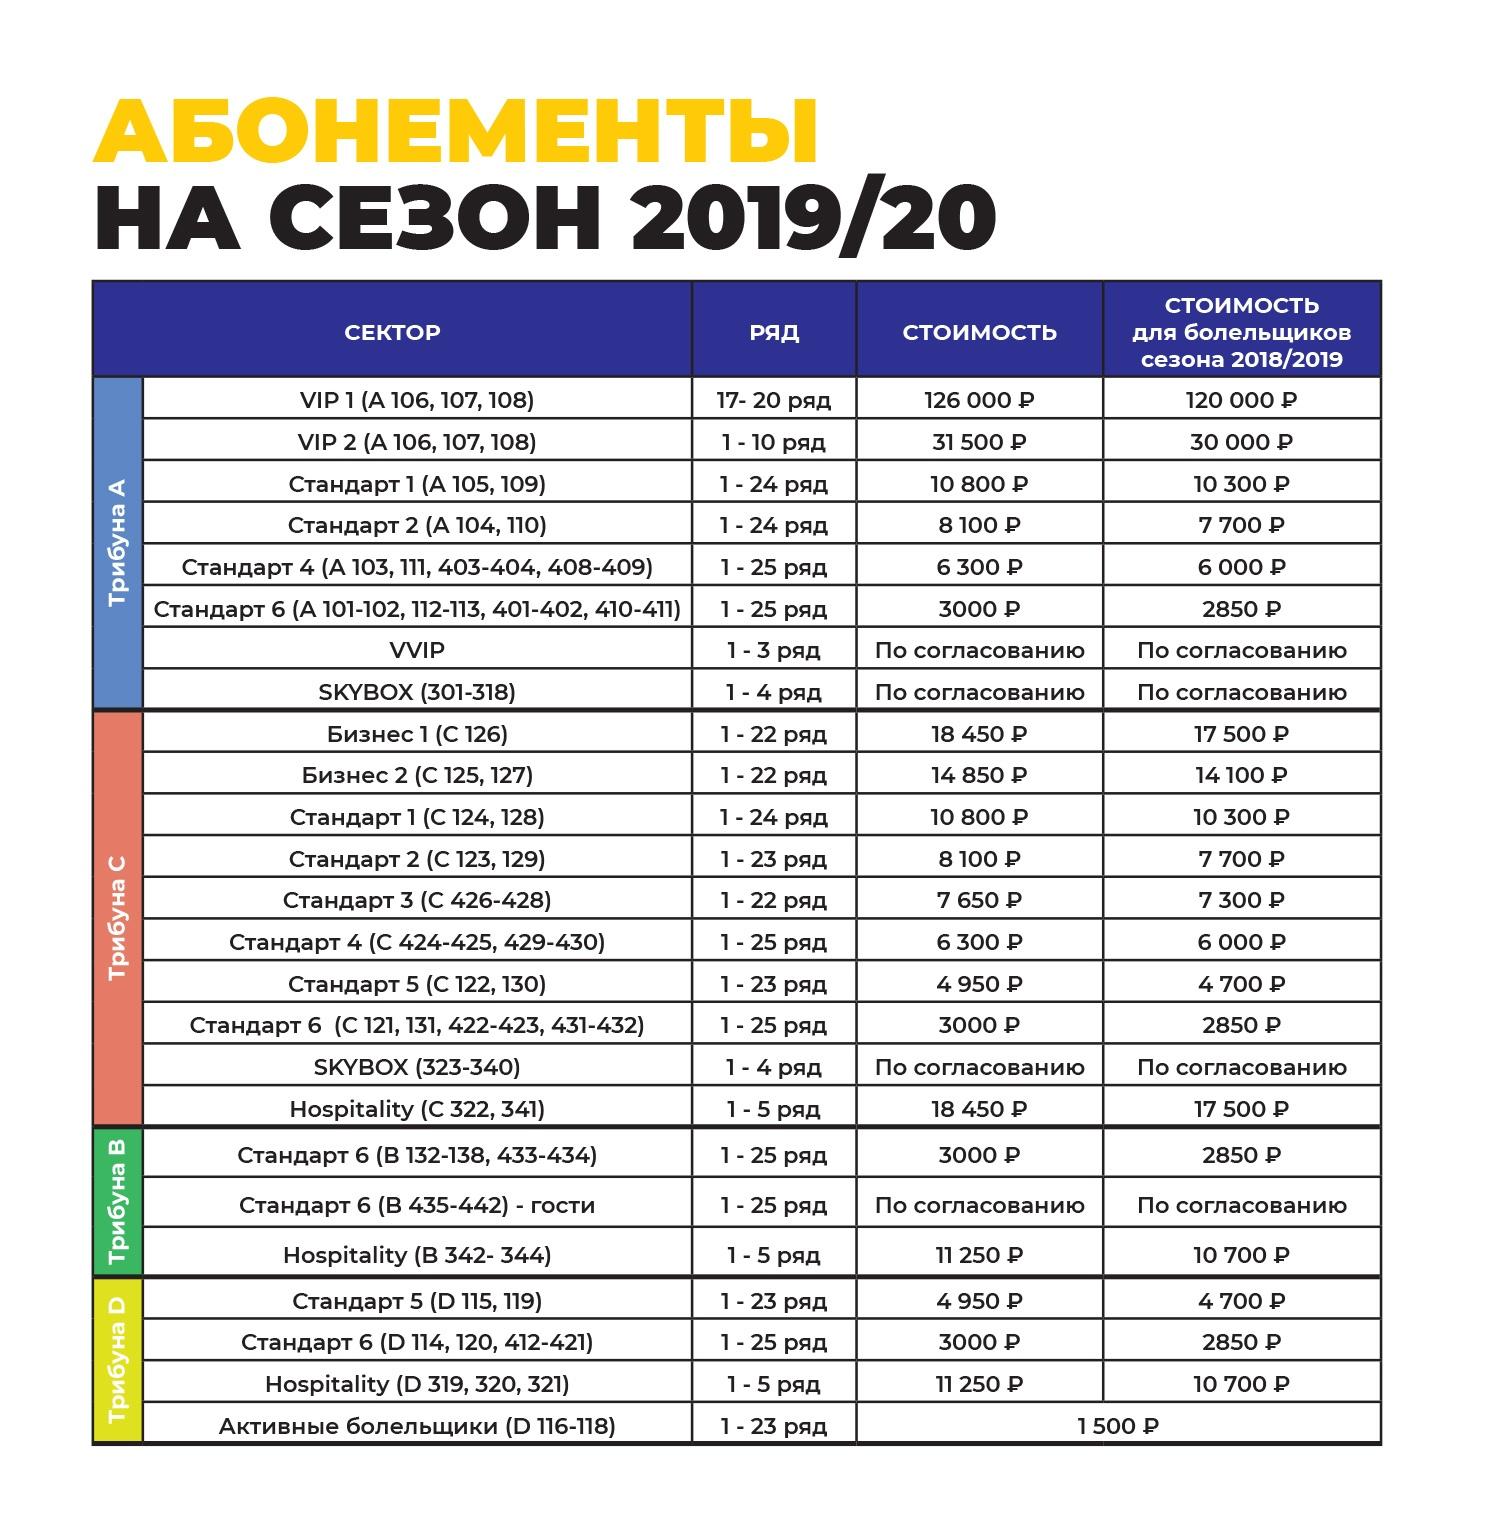 Фк ростов календарь 2019 2020 [PUNIQRANDLINE-(au-dating-names.txt) 43